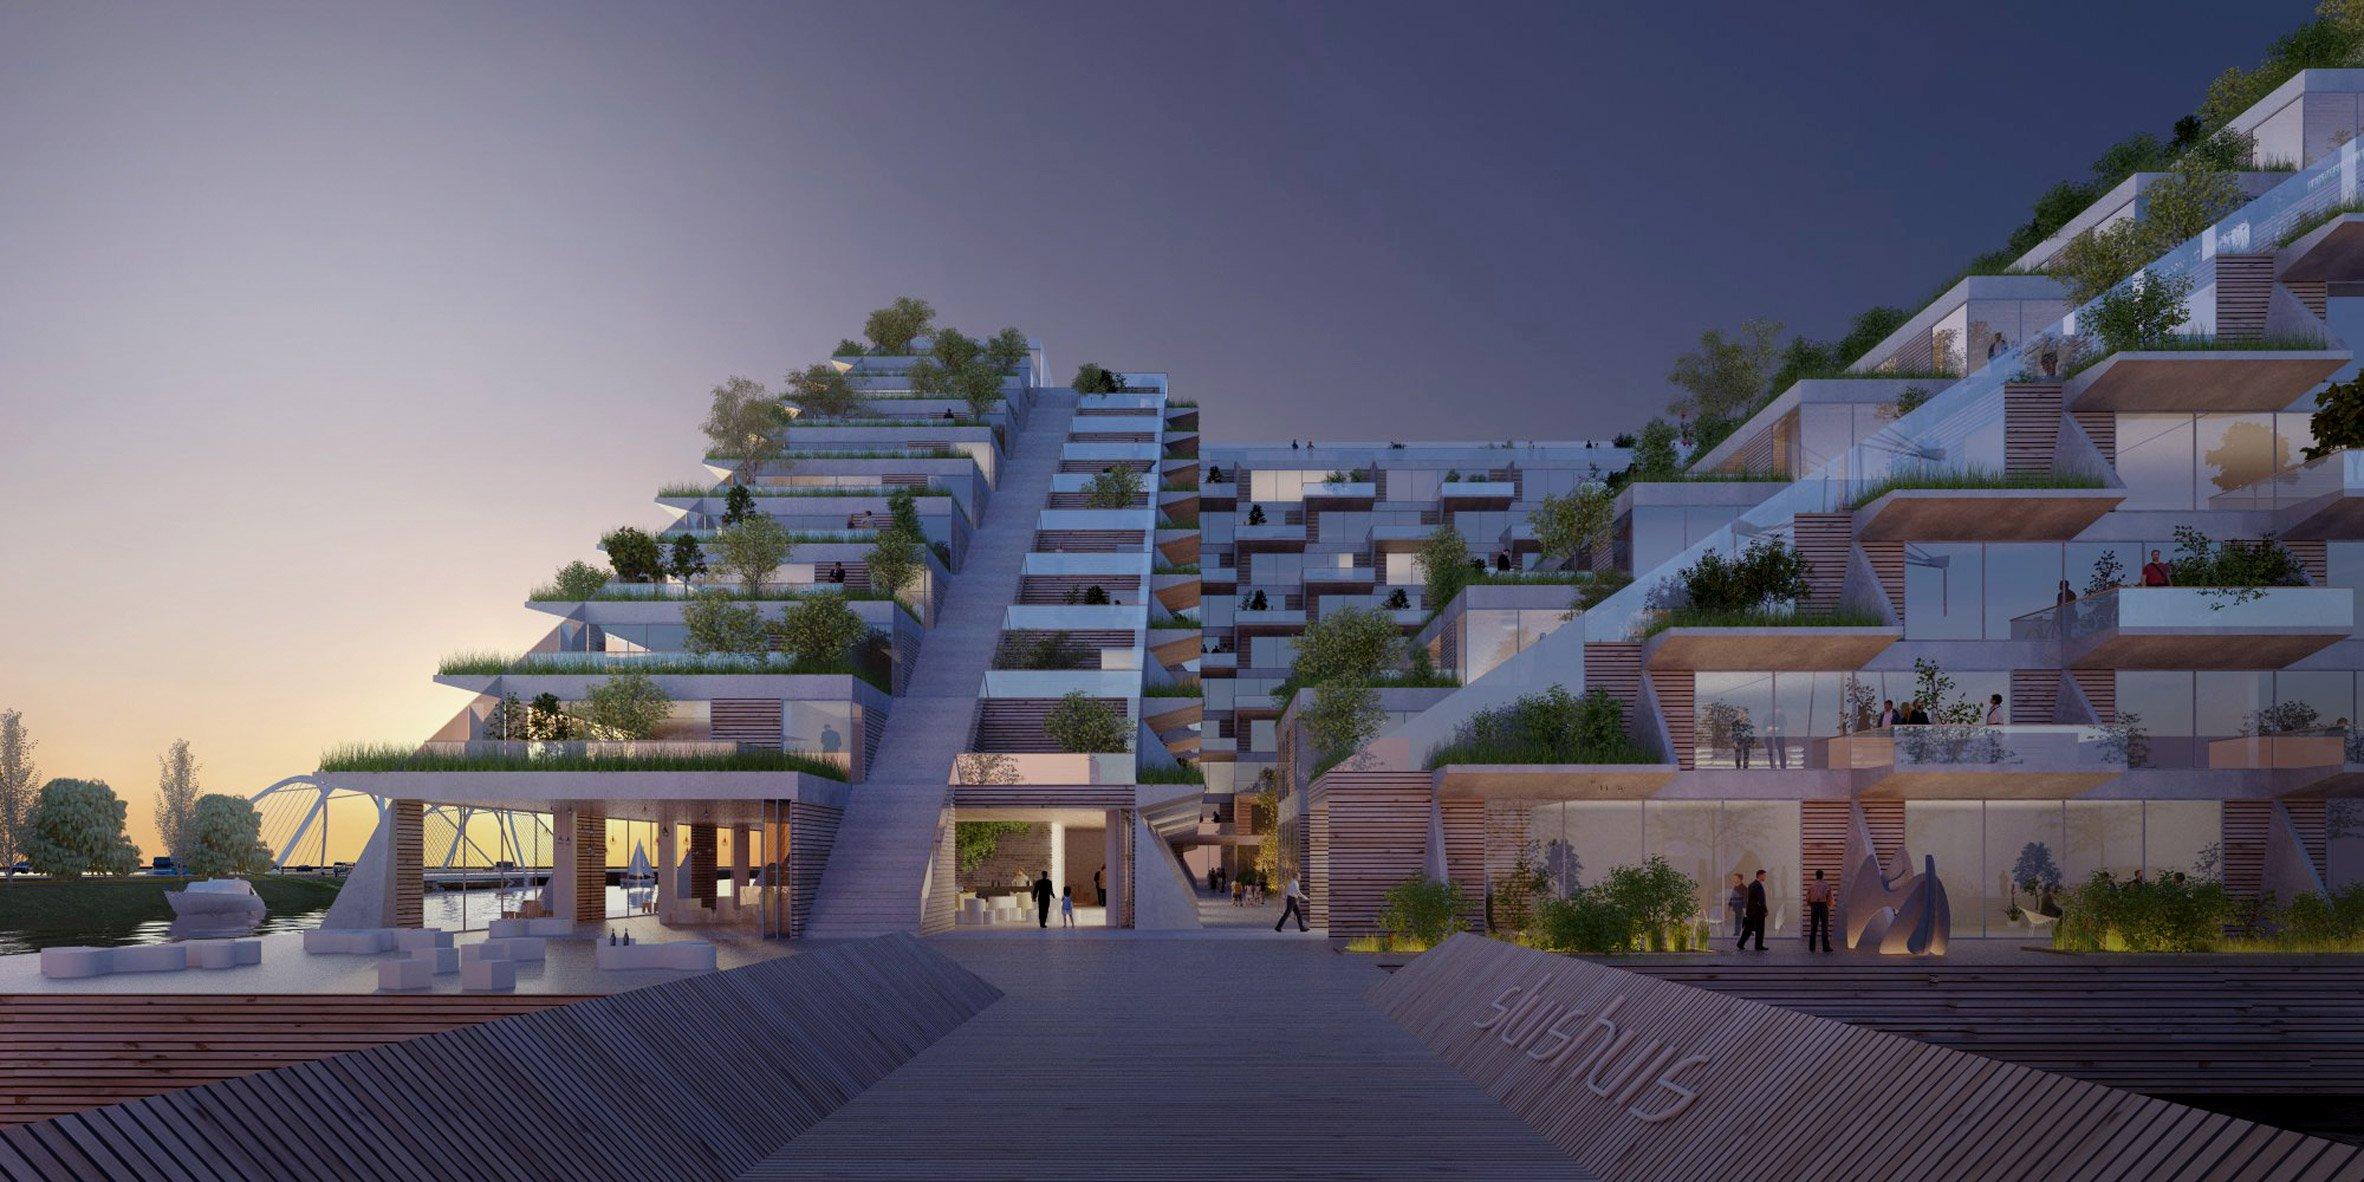 Sluishuis kiến trúc độc đáo tòa nhà thiết kế nổi.05